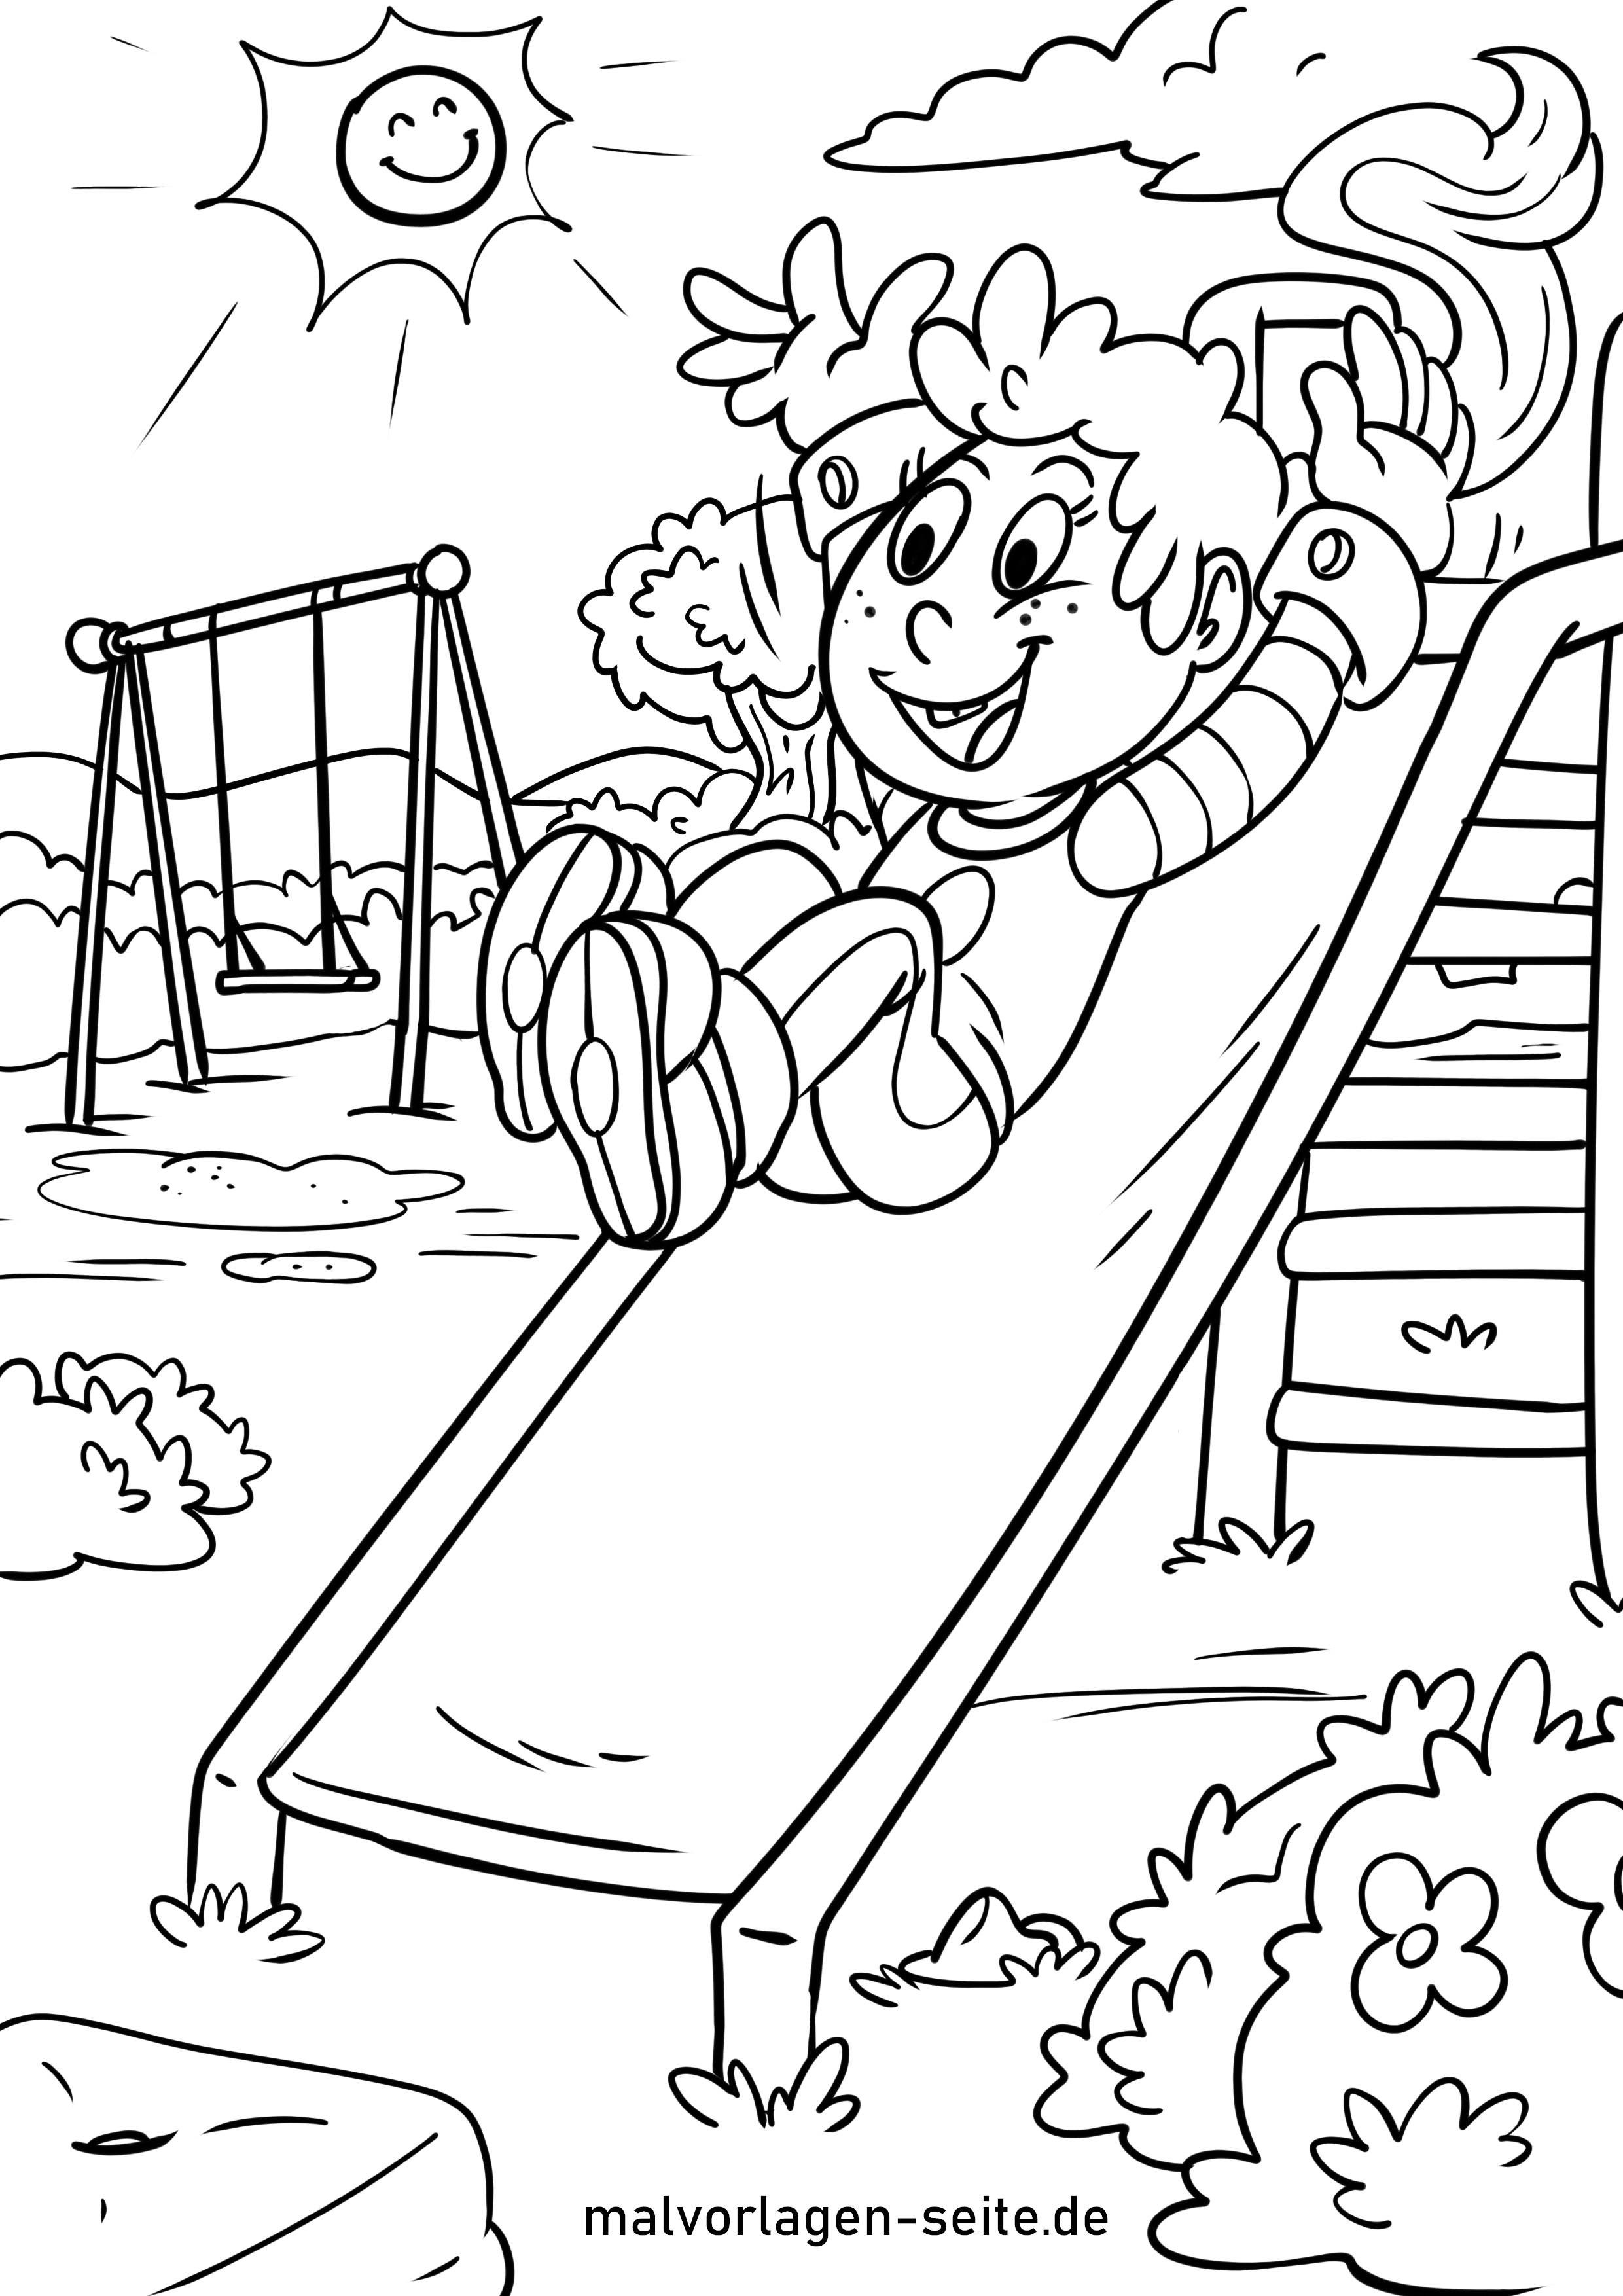 Malvorlage Kinder - Rutsche Spielplatz - Kostenlose Ausmalbilder